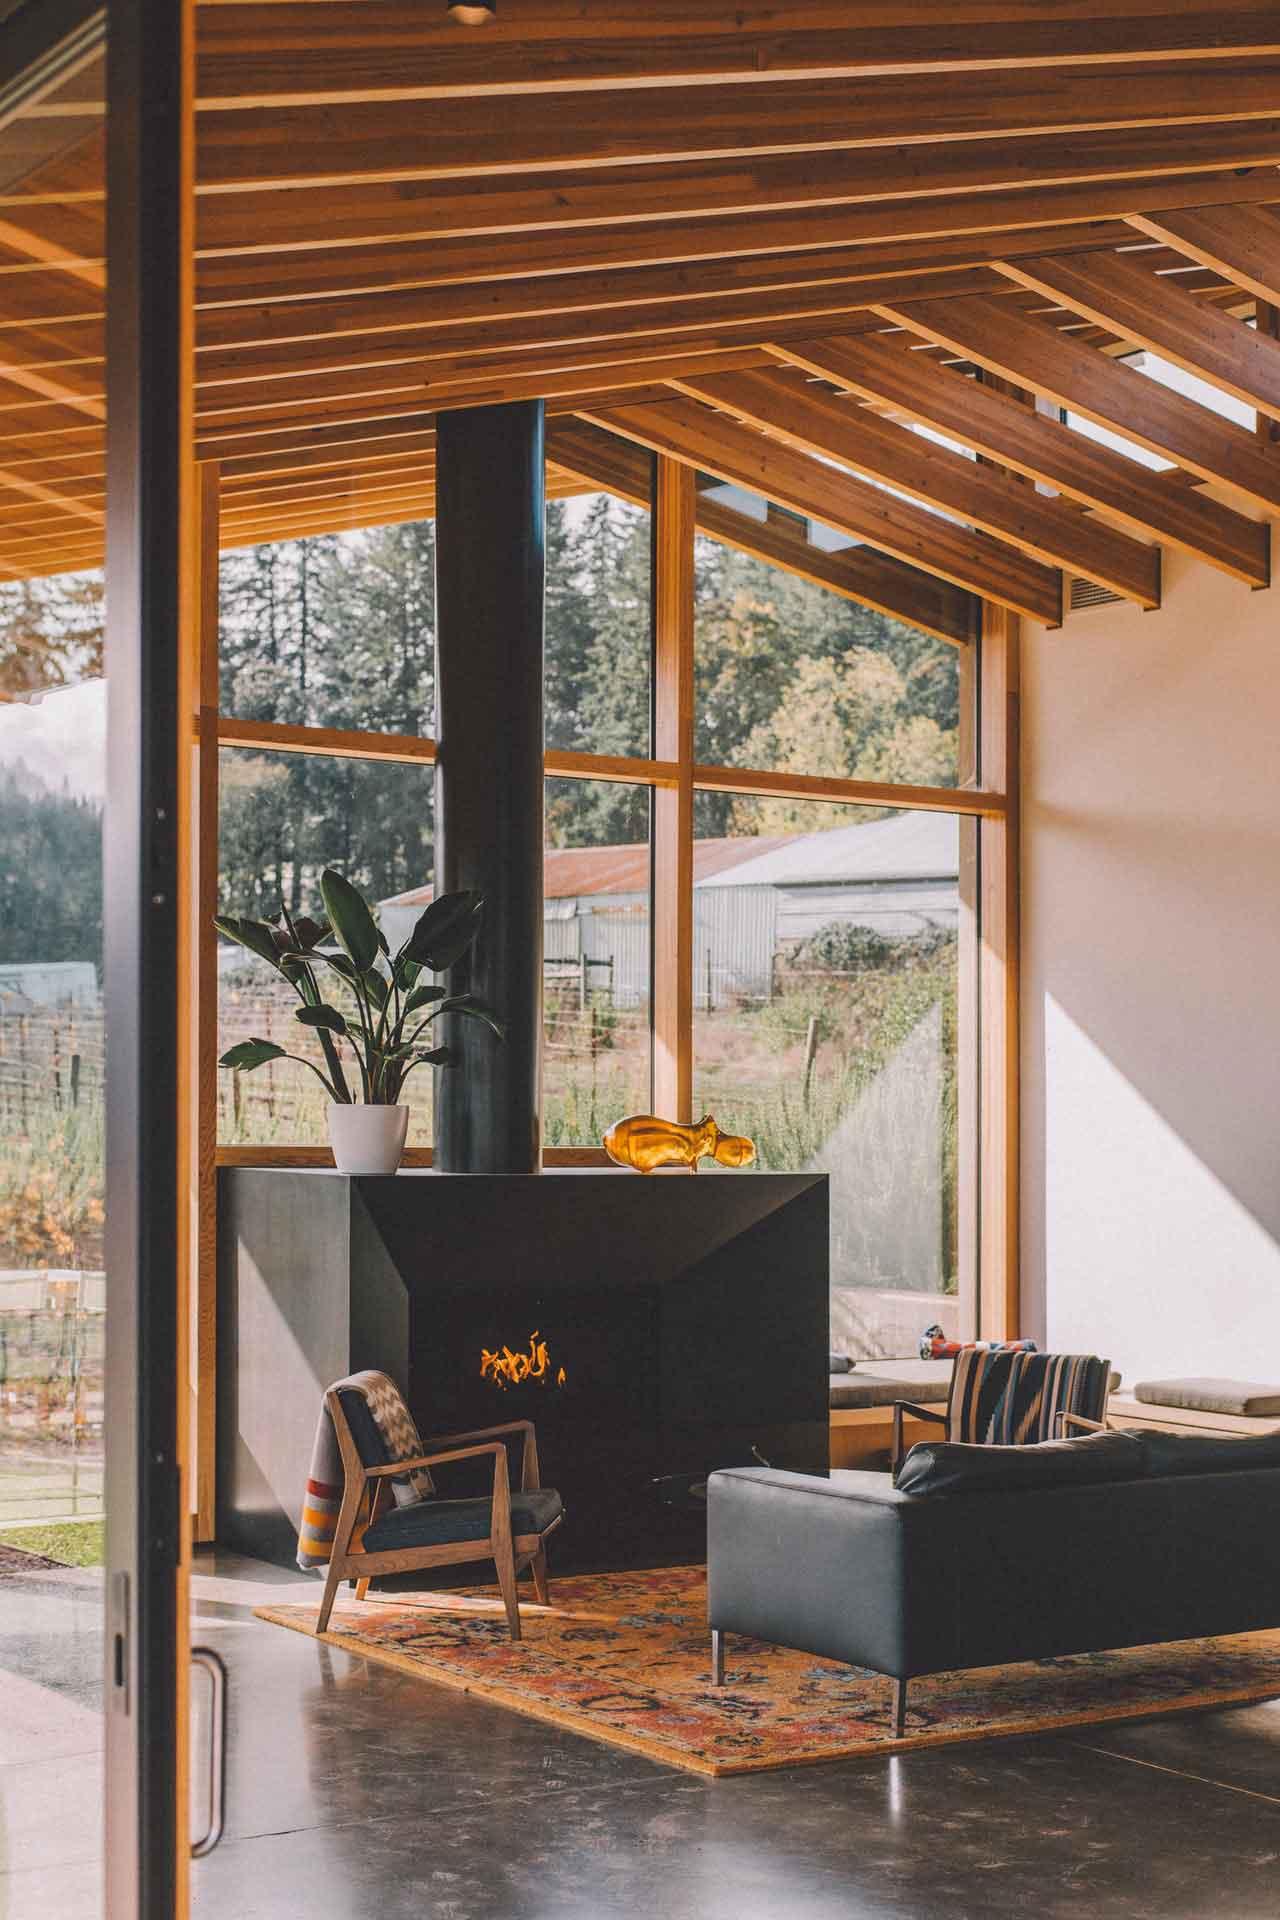 Butacas modernas y sofa principal